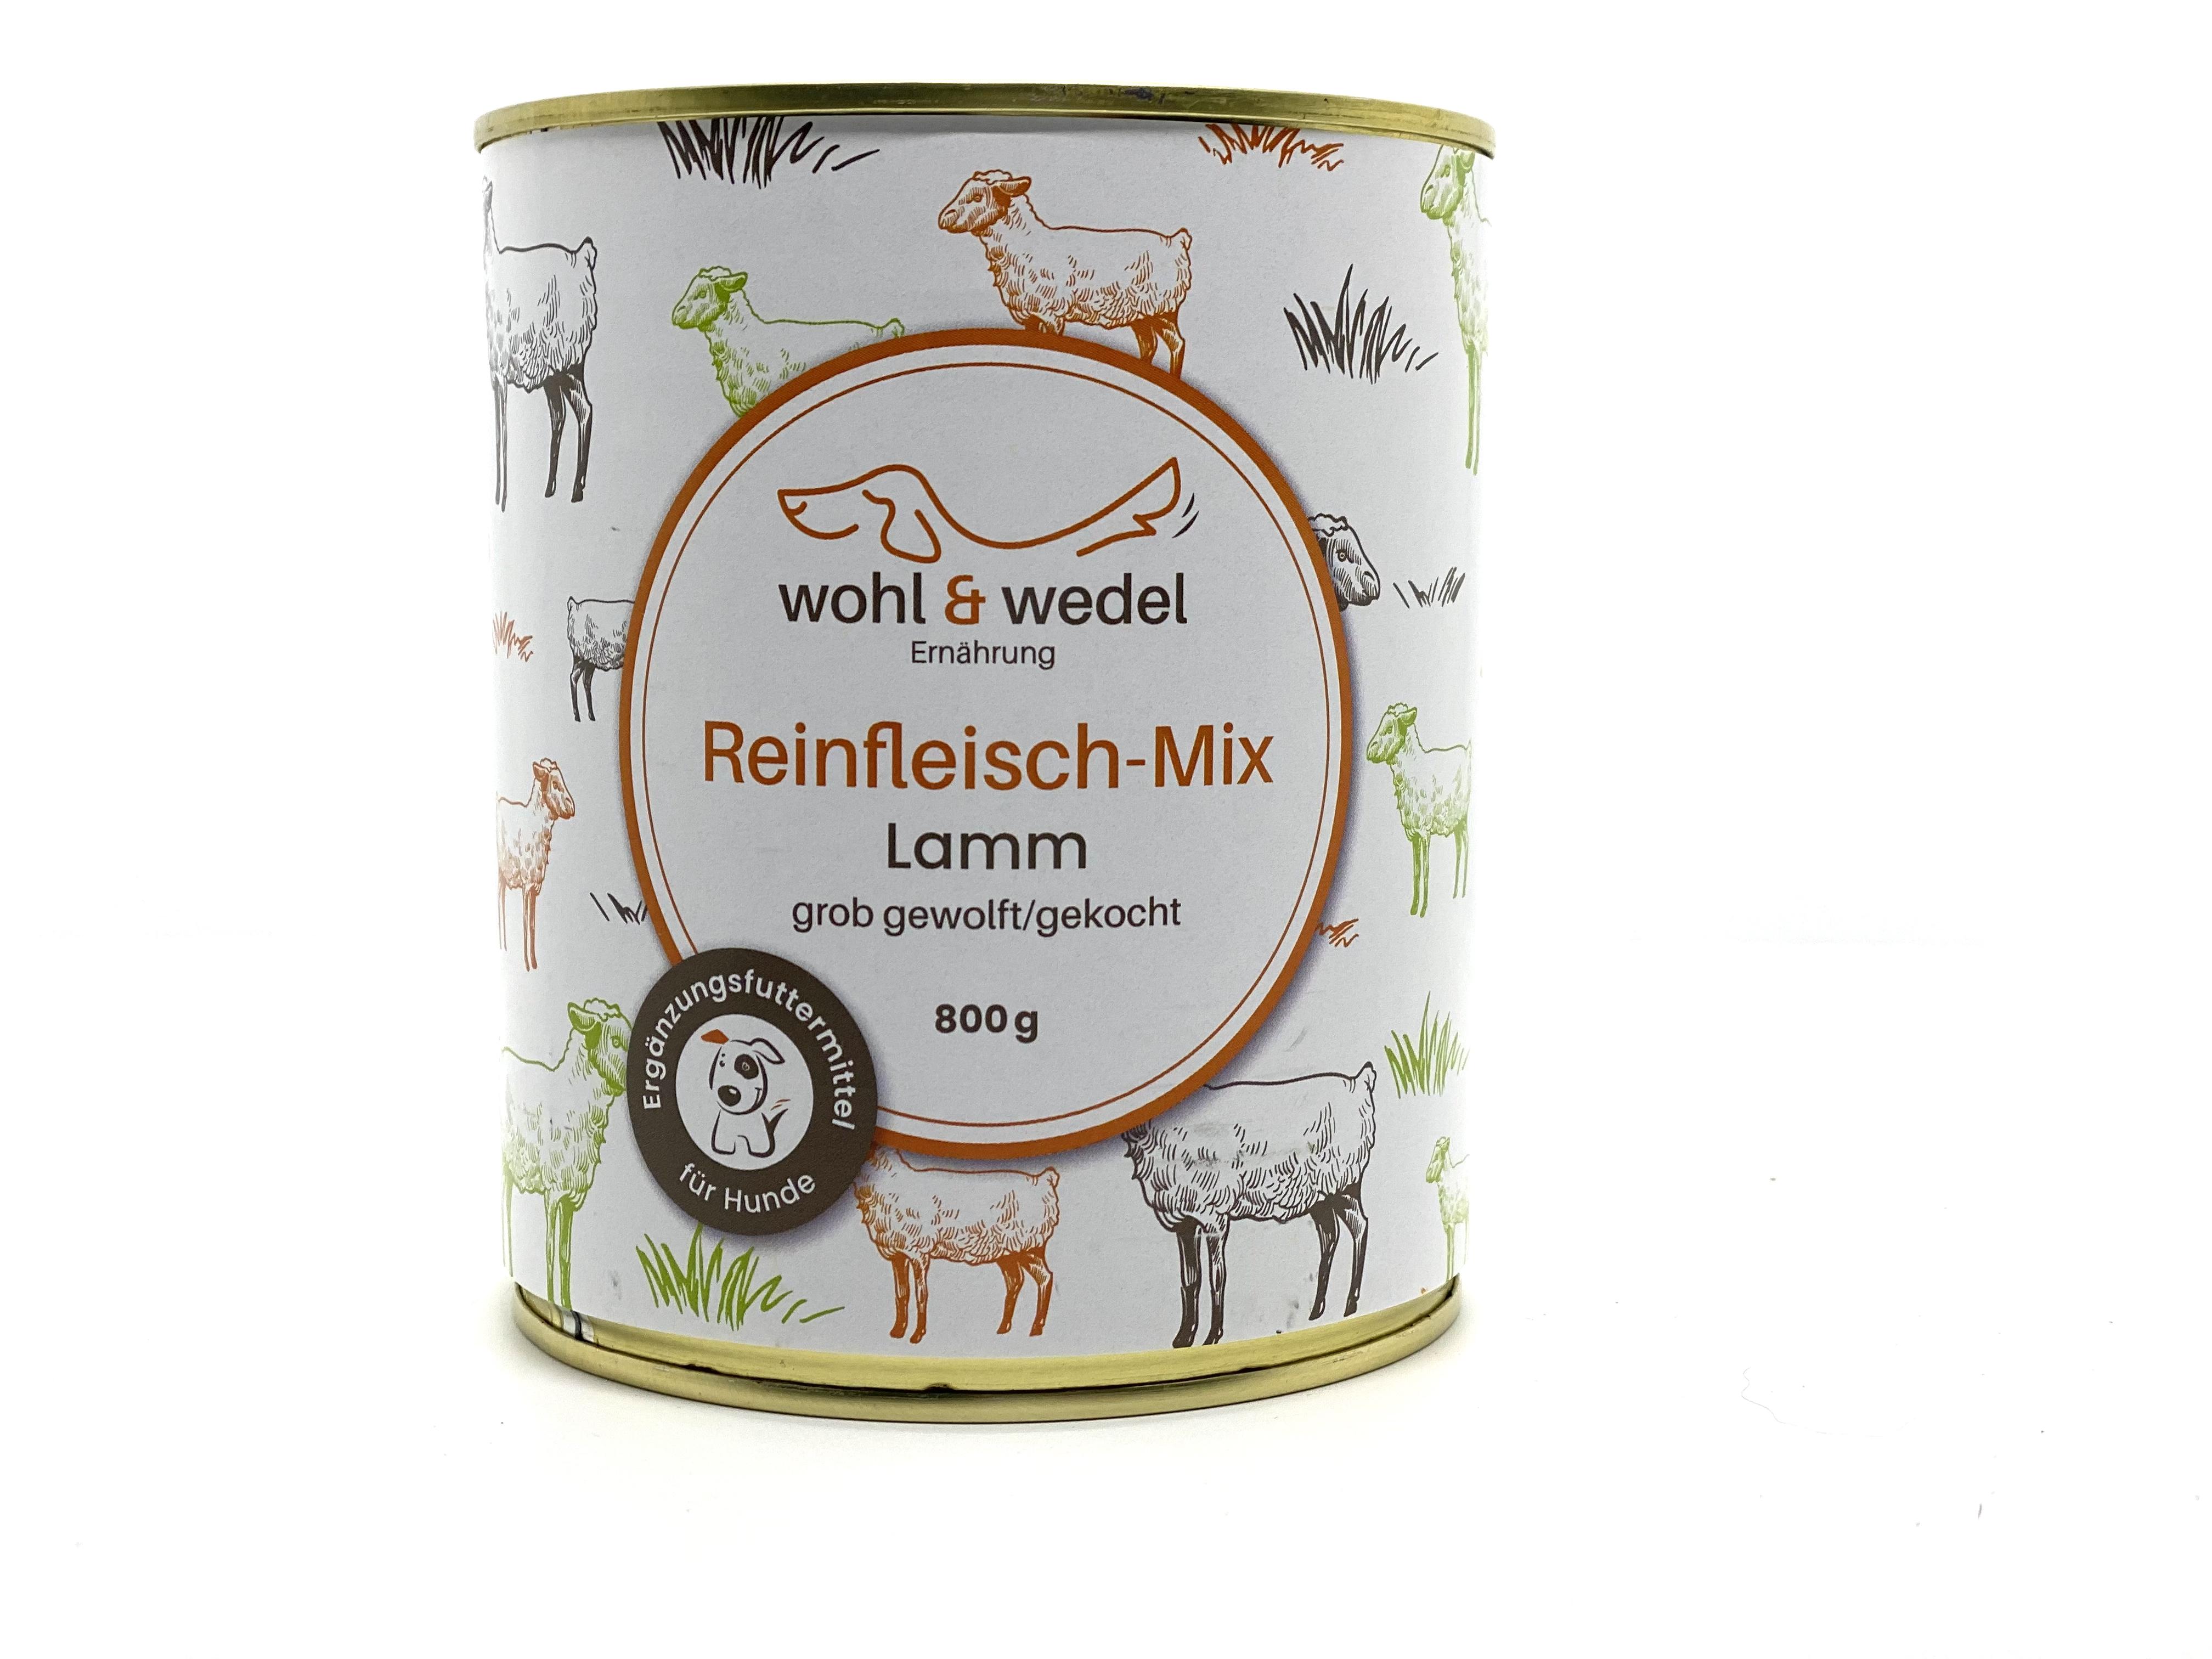 wohl & wedel Reinfleisch-Mix Lamm 800 g